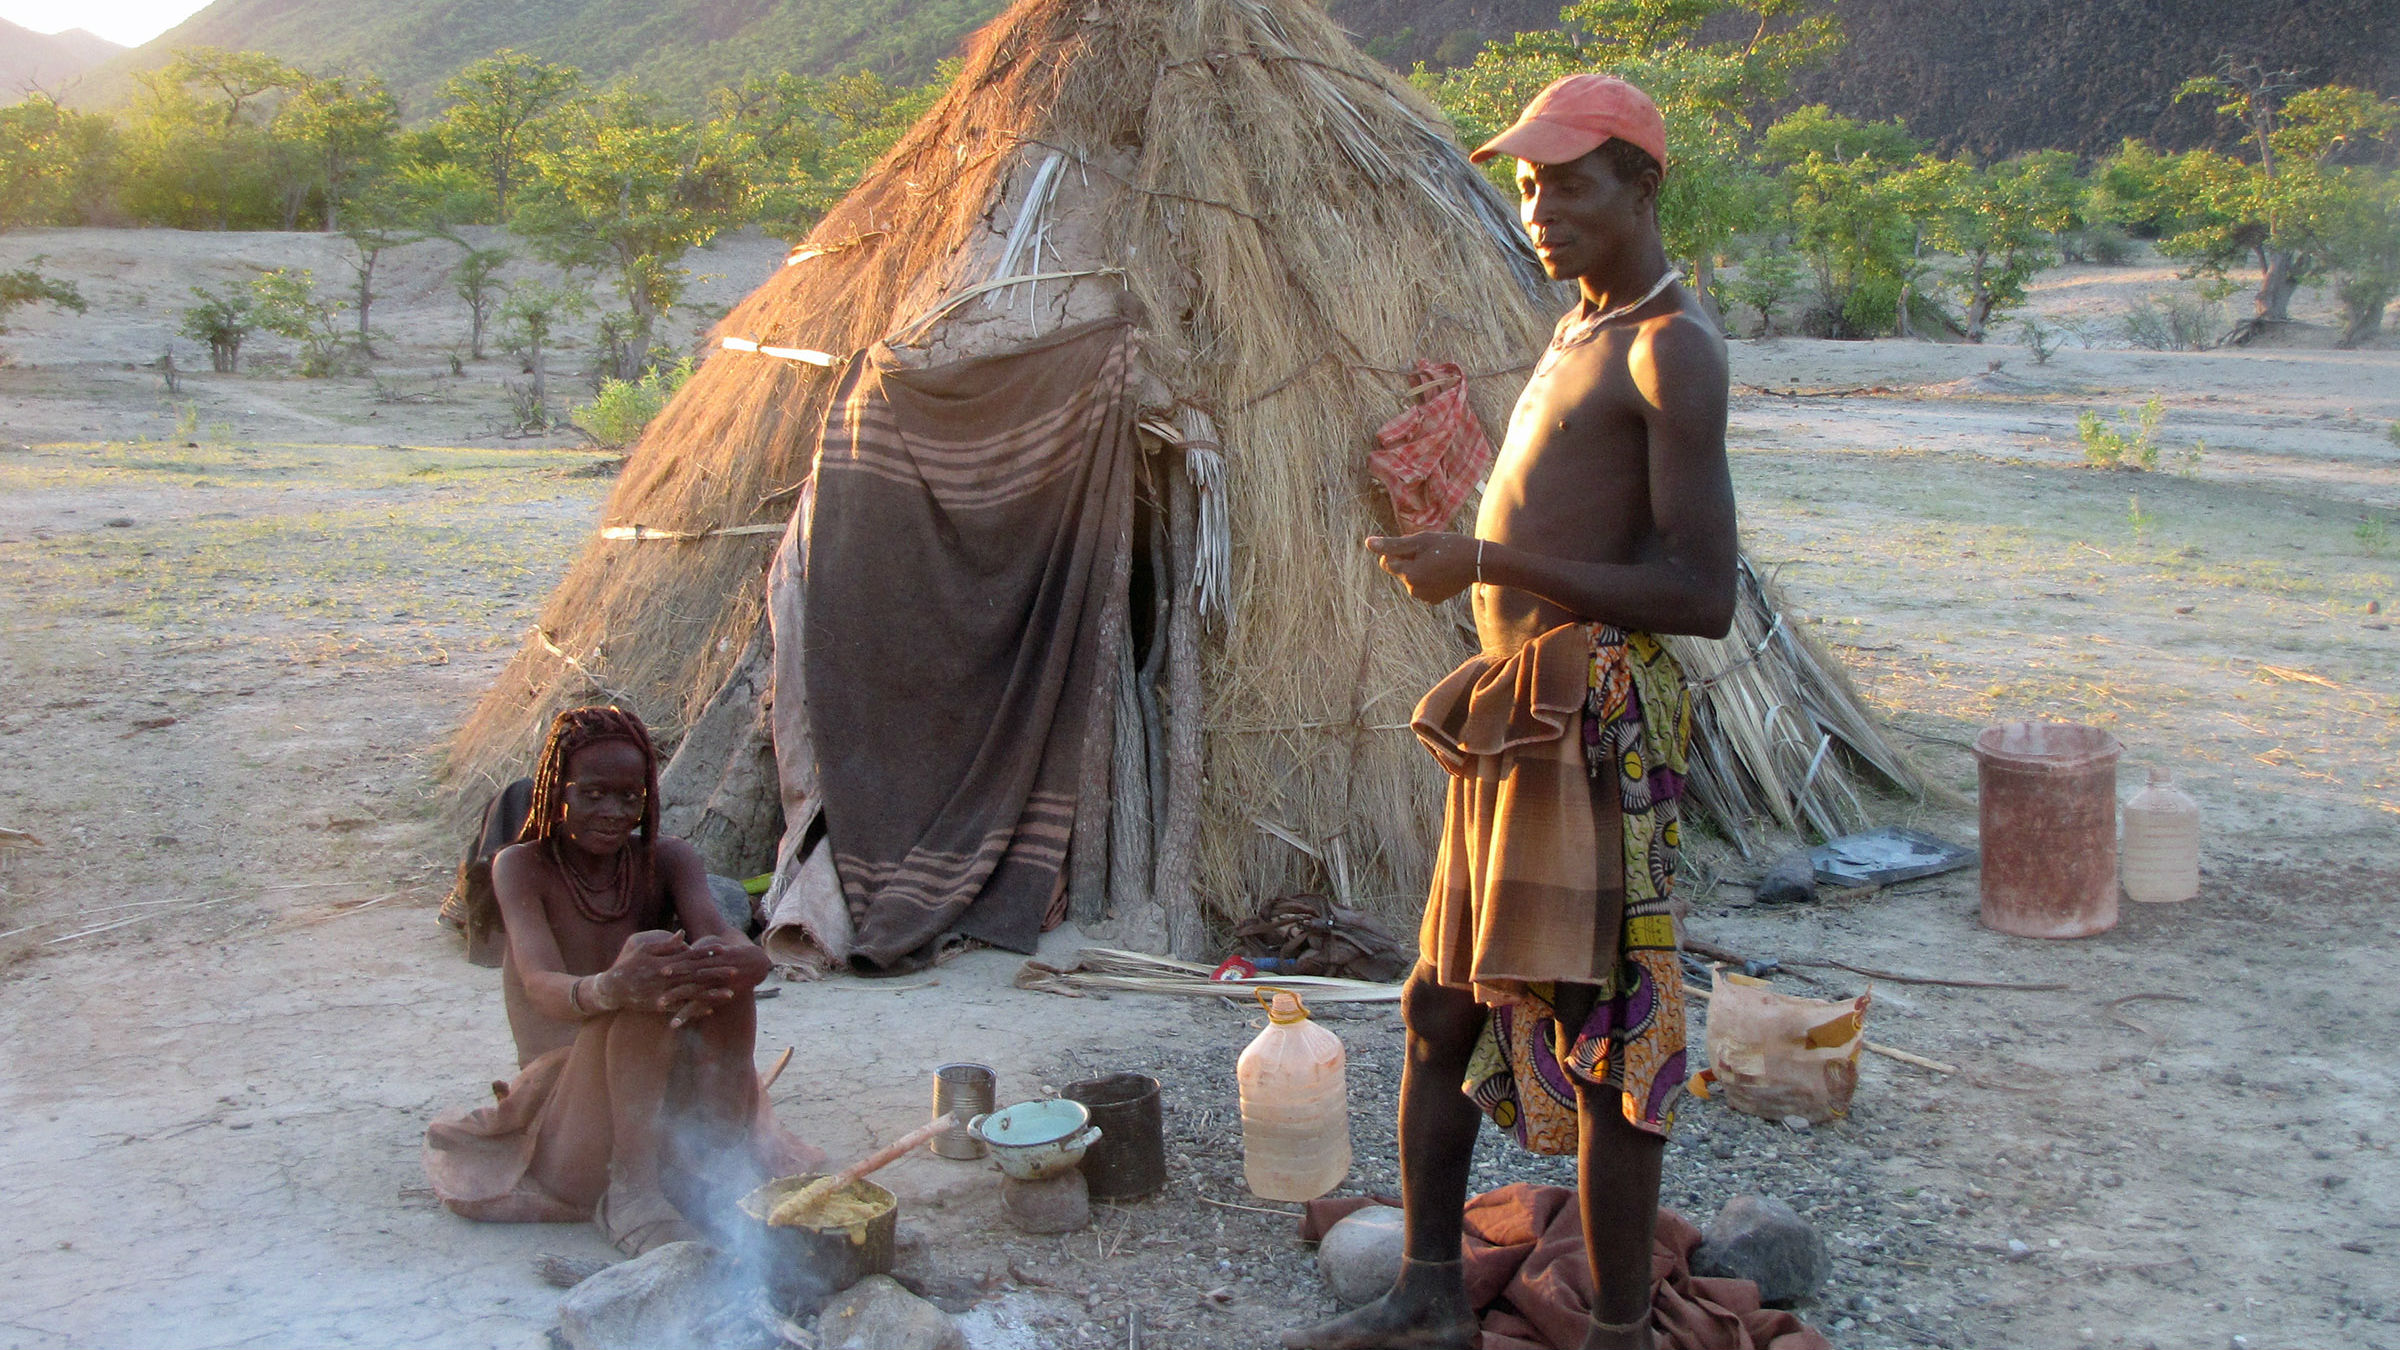 Пара из племени твэй в Намибии вне своего дома